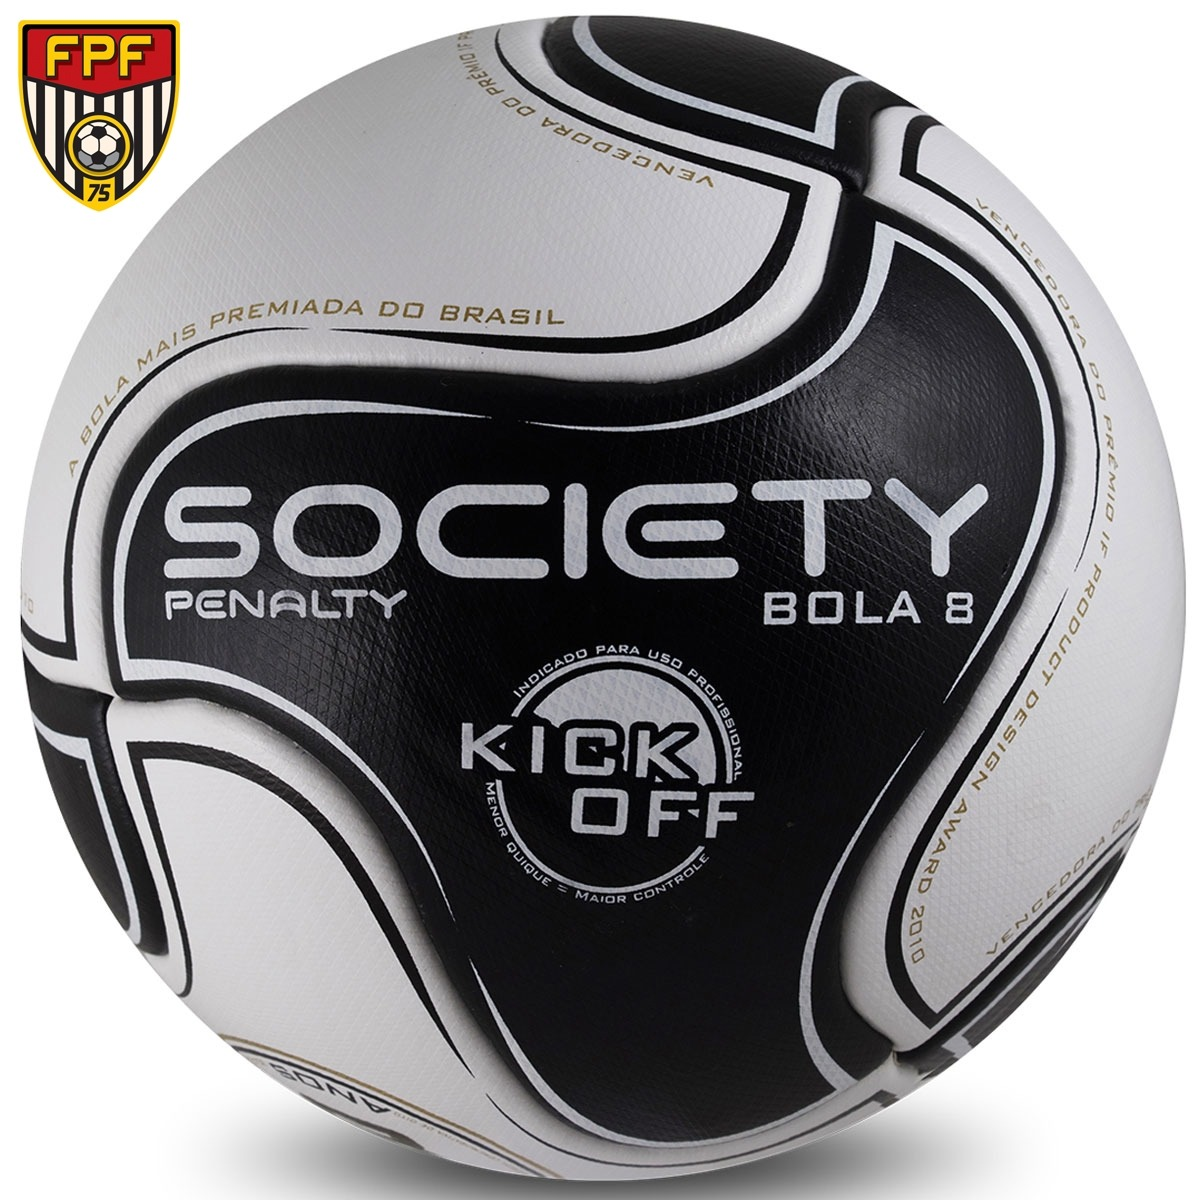 c071c26075972 bola de society penalty 8 ix - original. Carregando zoom.